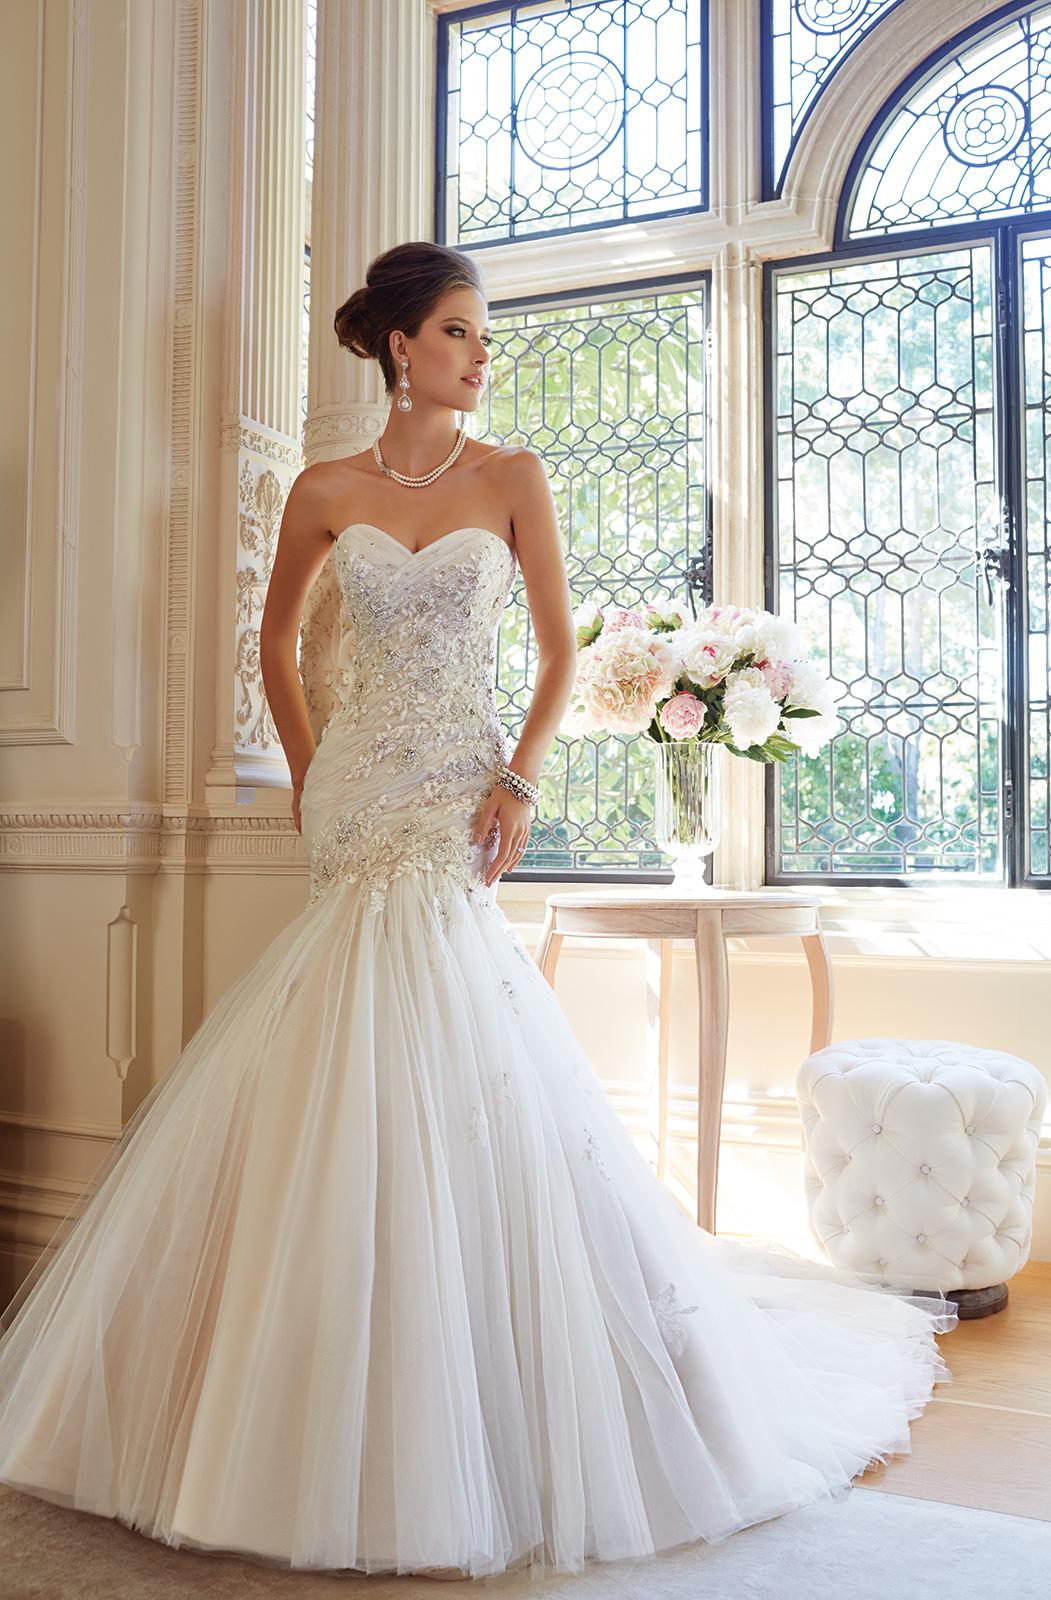 Vestido de Noiva Prada - Hipnose Alta Costura e Spa para Noivas e Noivos - Campinas - SP Vestido de Noiva, Vestidos de Noiva Semi-Sereia, Hipnose Alta Costura, Vestido de Noiva Prada